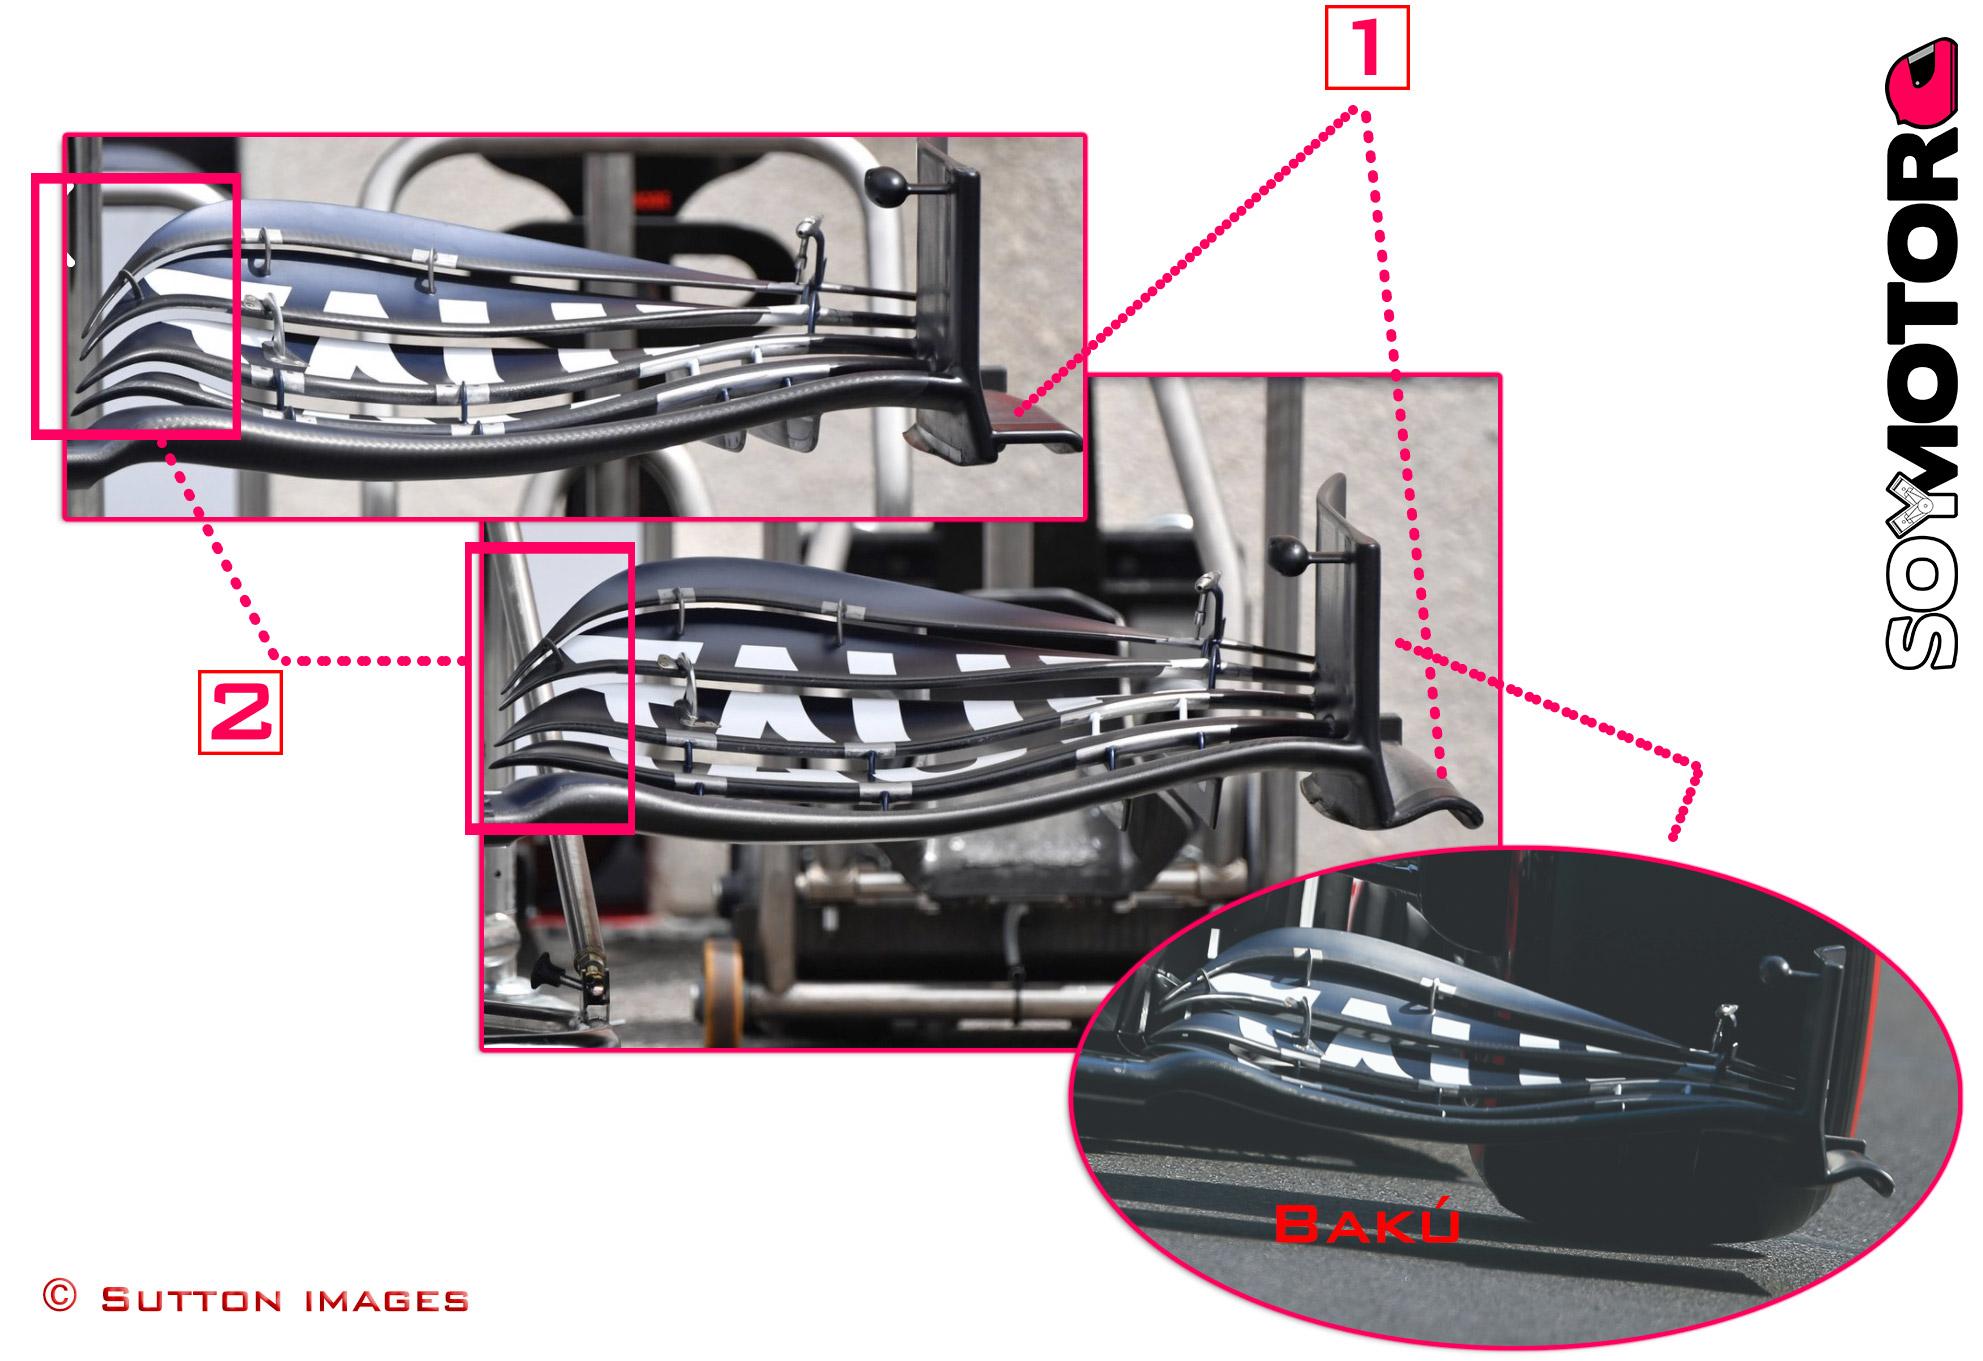 alphatauri-nueva-ala-delantera-soymotor.jpg